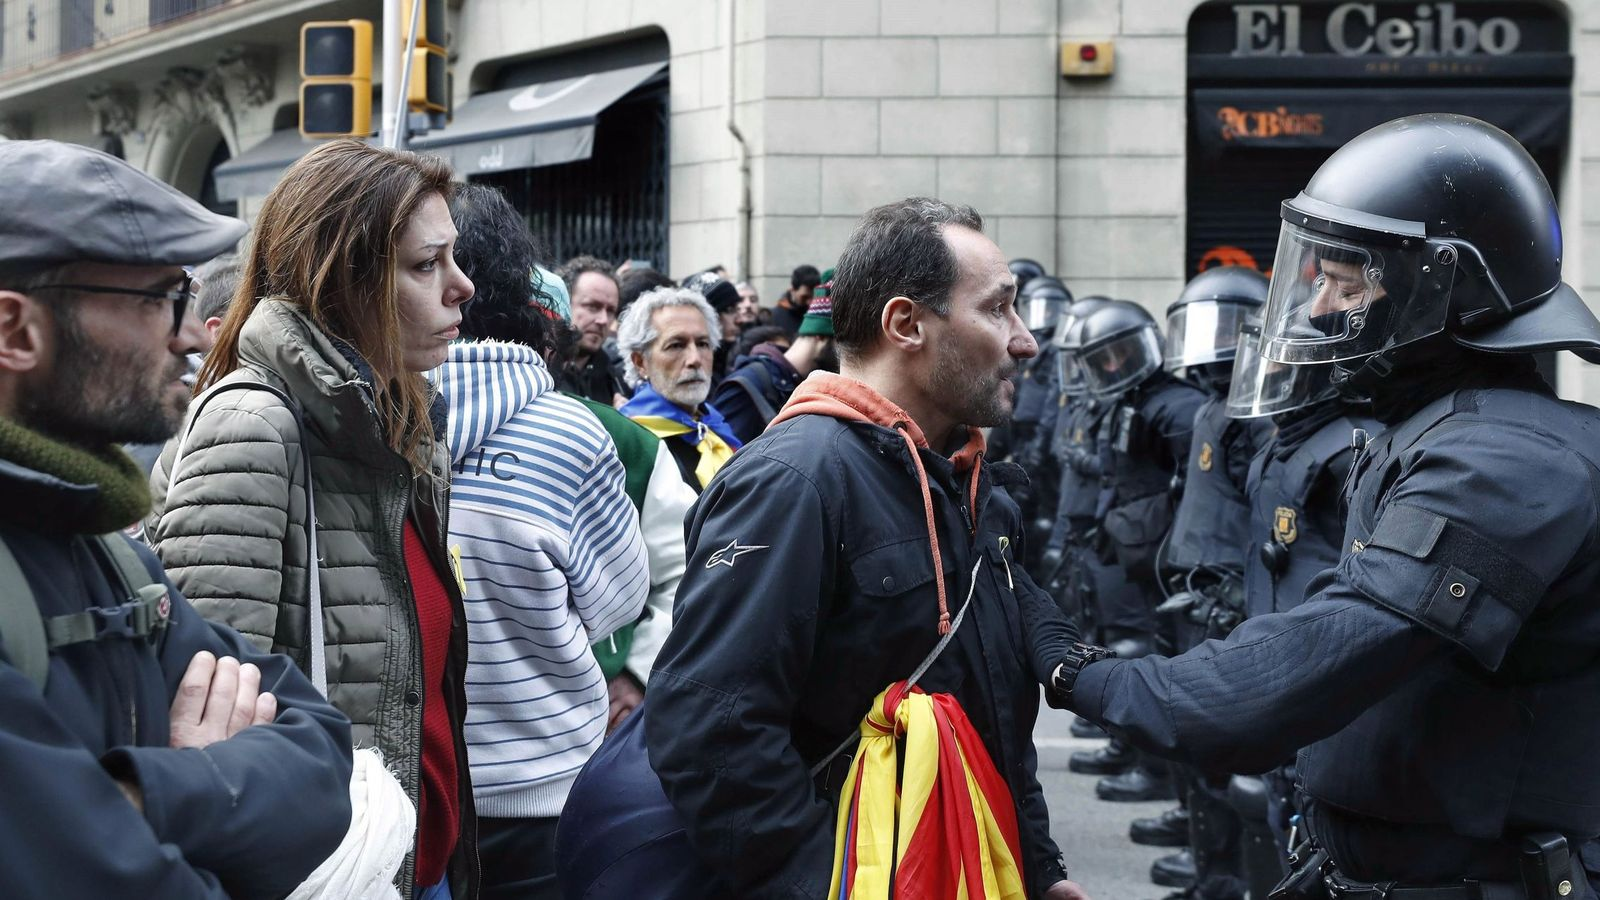 Foto: Miembros de los Mossos d'Esquadra impiden el paso de manifestantes en las inmediaciones de la Delegación del Gobierno en Barcelona, en una protesta convocada por los CDR. (EFE)